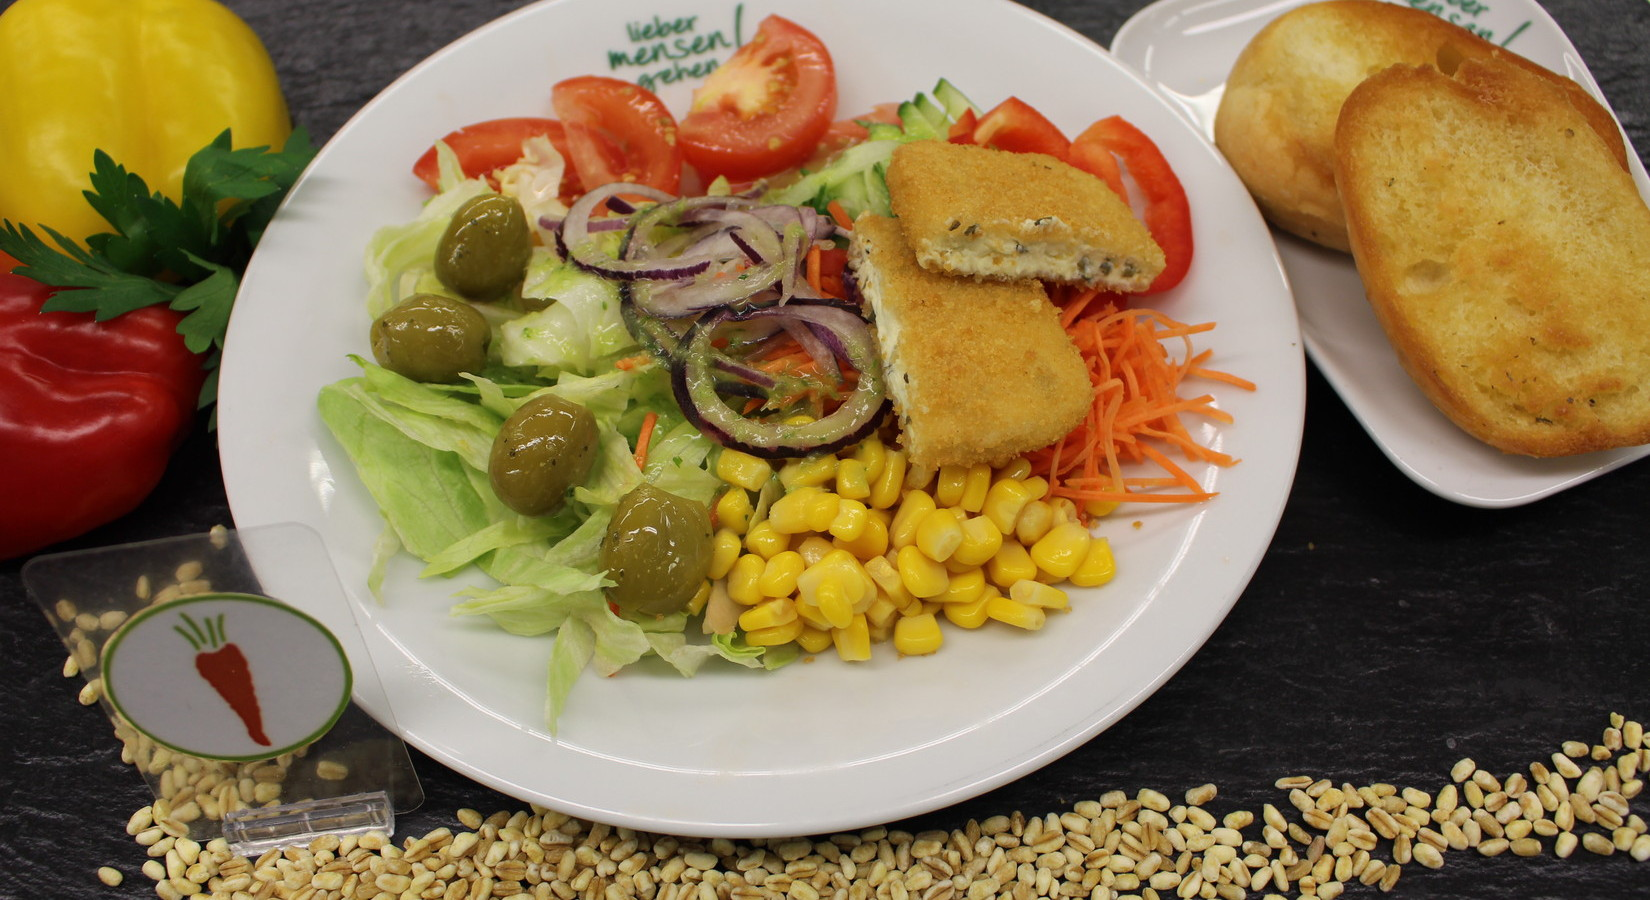 Bauernsalat mit Schnitzelstreifen oder  vegetarische Variation mit gebackenen Broccolinuggets , dazu geröstete Brötchenhälften